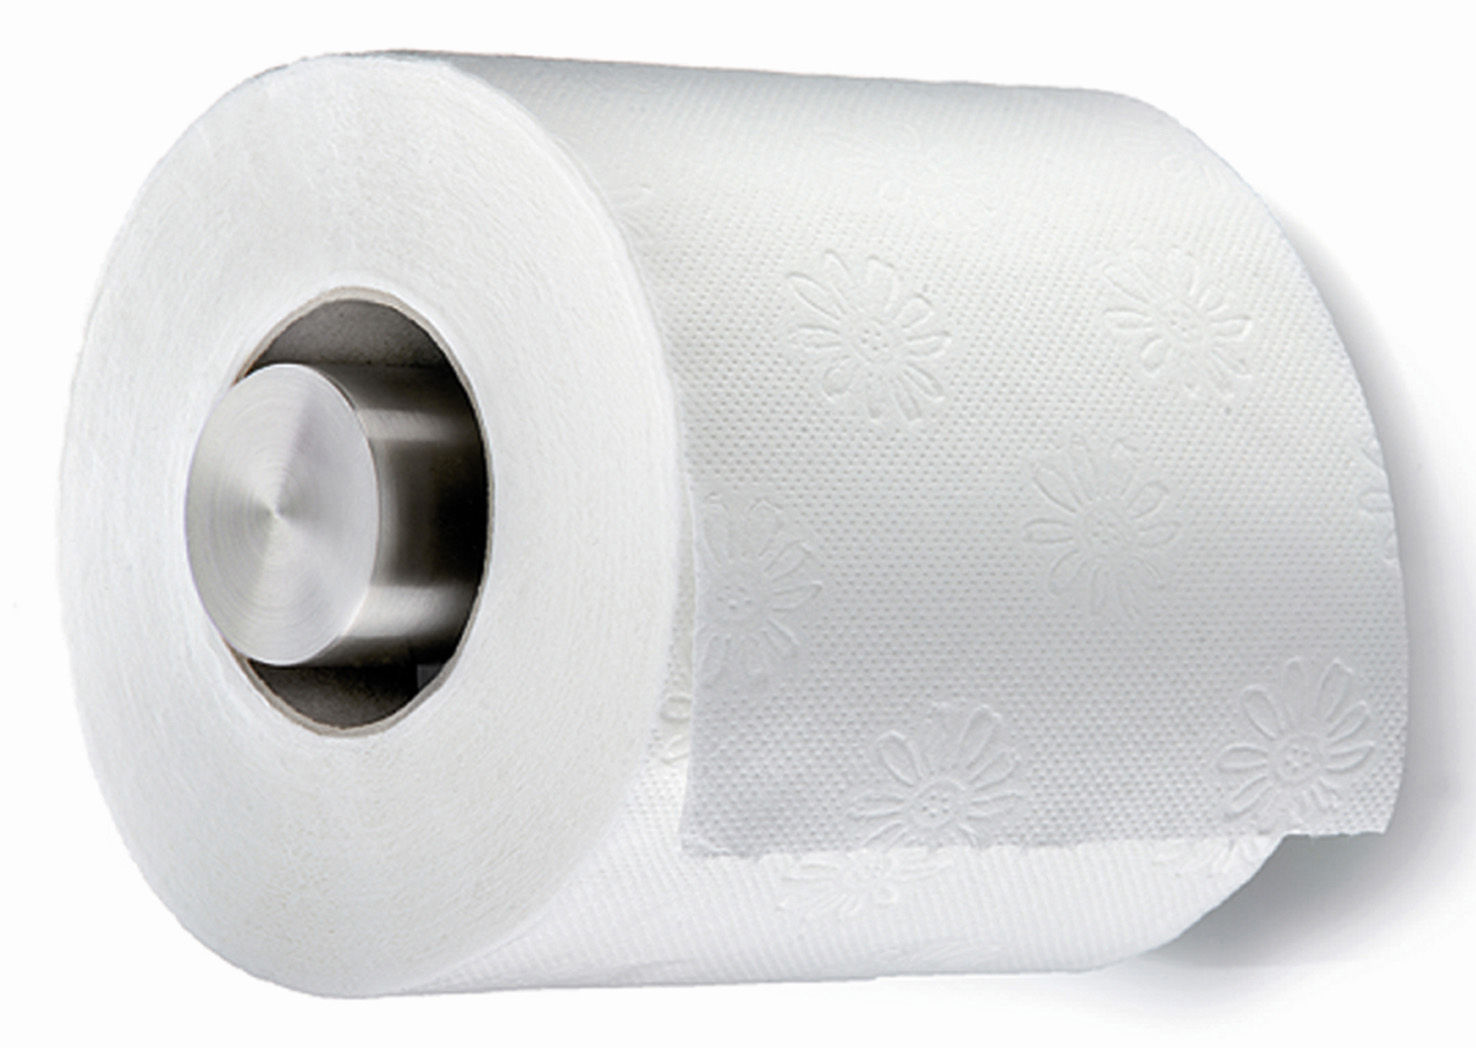 Inredning toalettstol ido : Alessi Toalett. Latest Gustavsberg Rot With Alessi Toalett ...